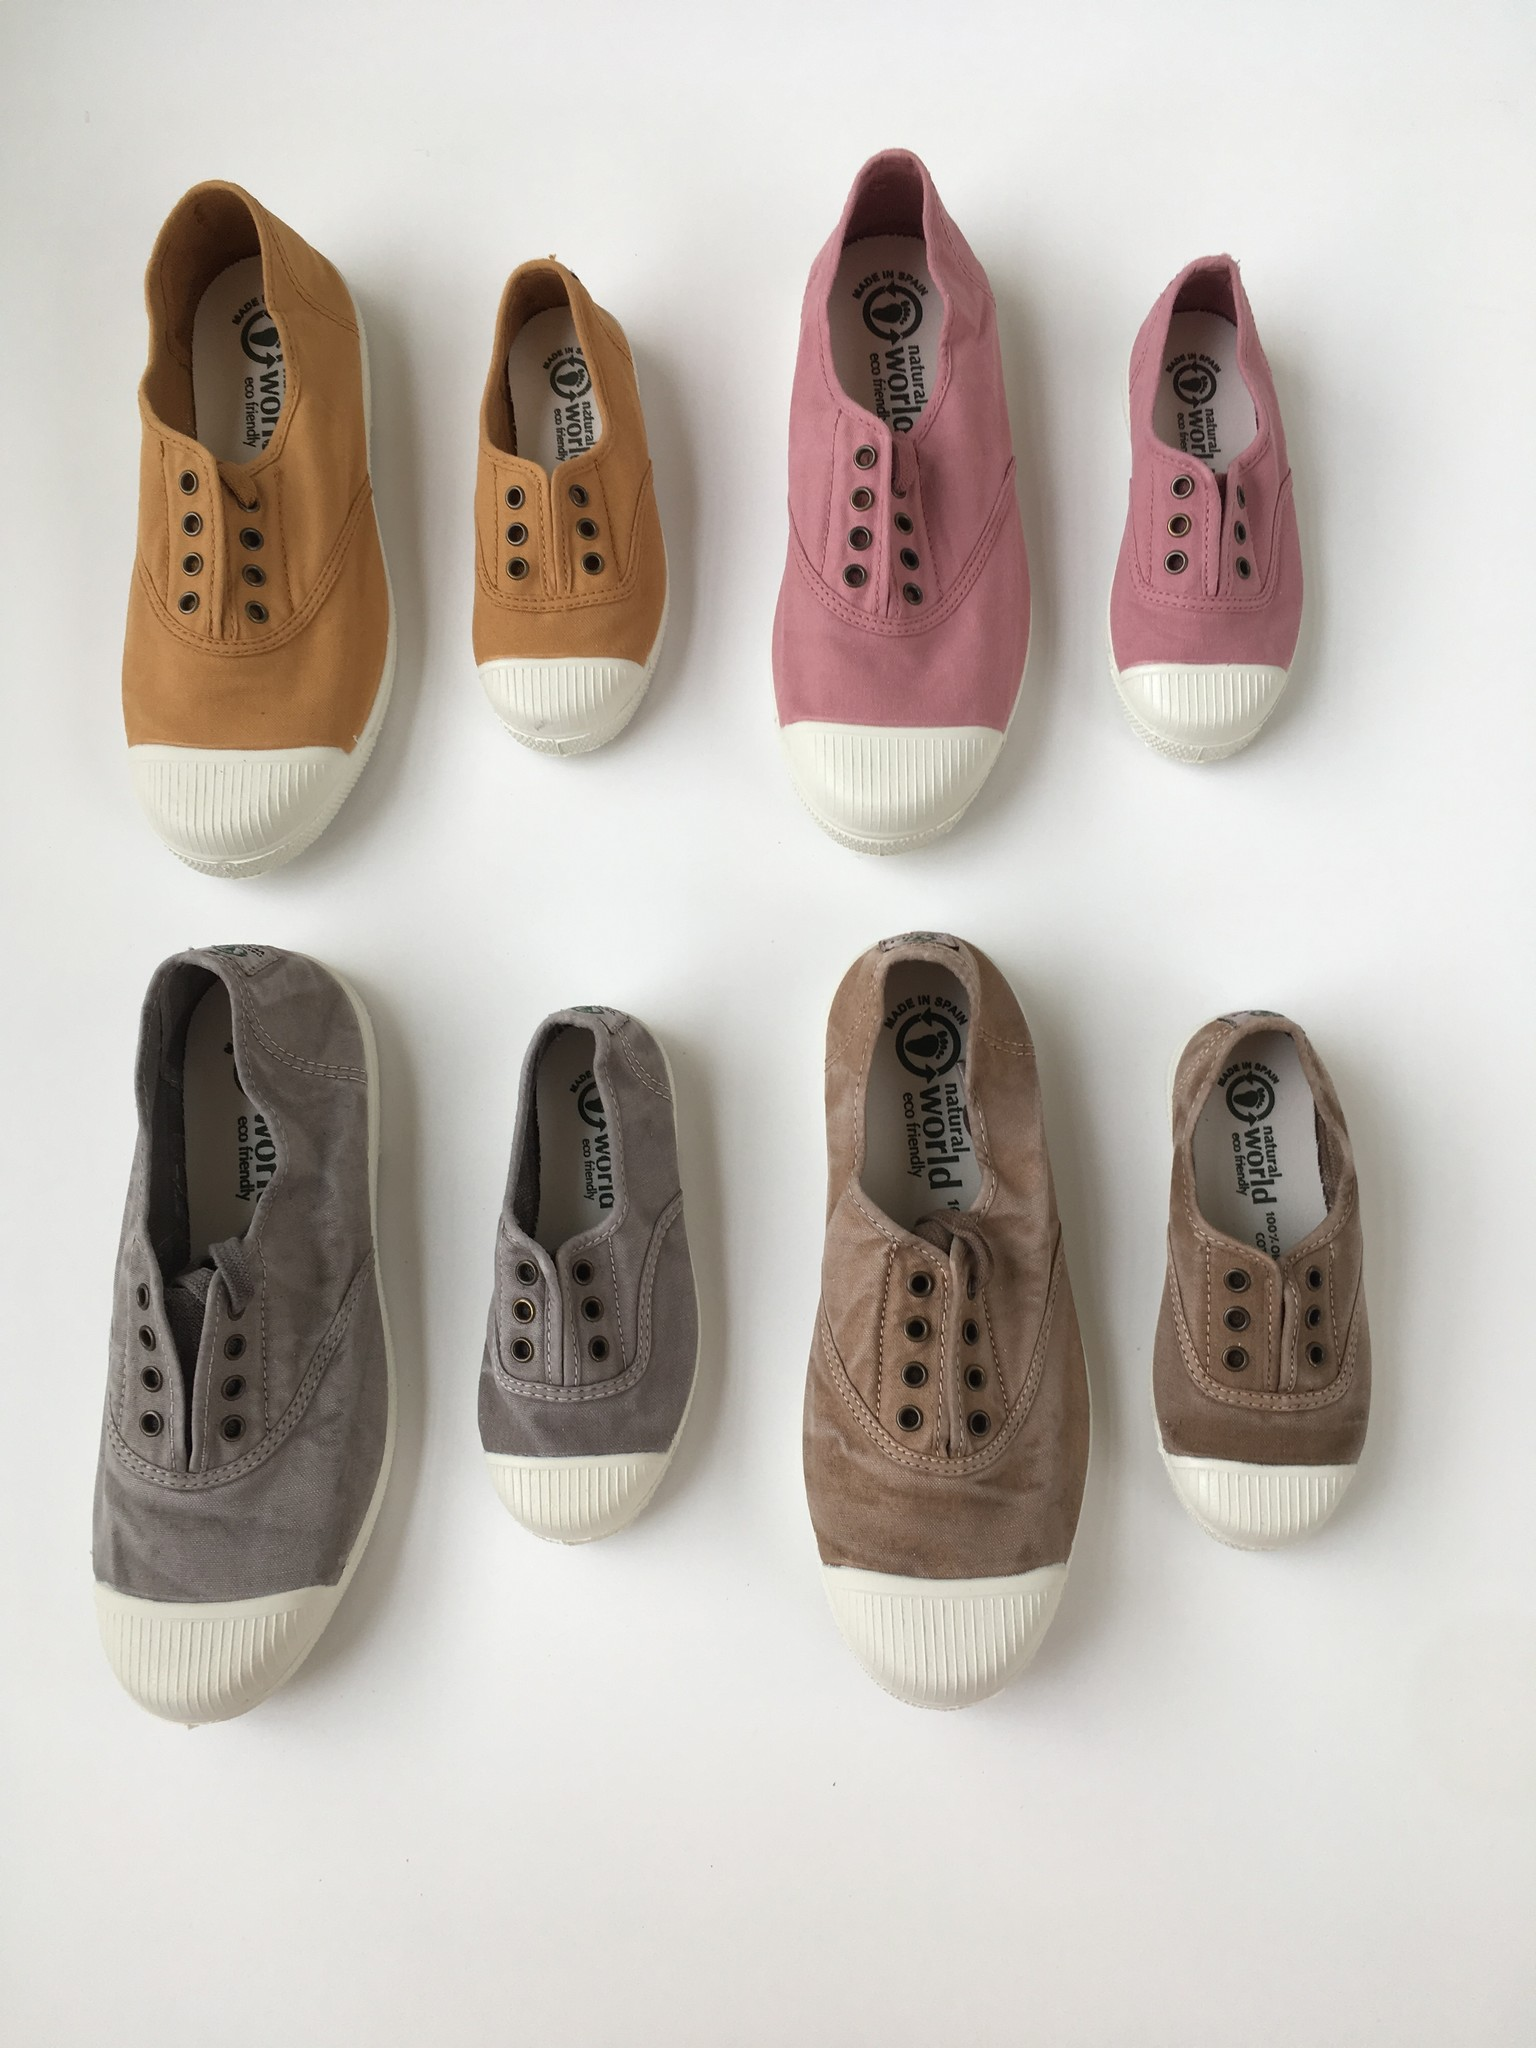 NATURAL WORLD - eco sneakers dames - 100% biologisch katoen/100% natuur rubber - oud roze